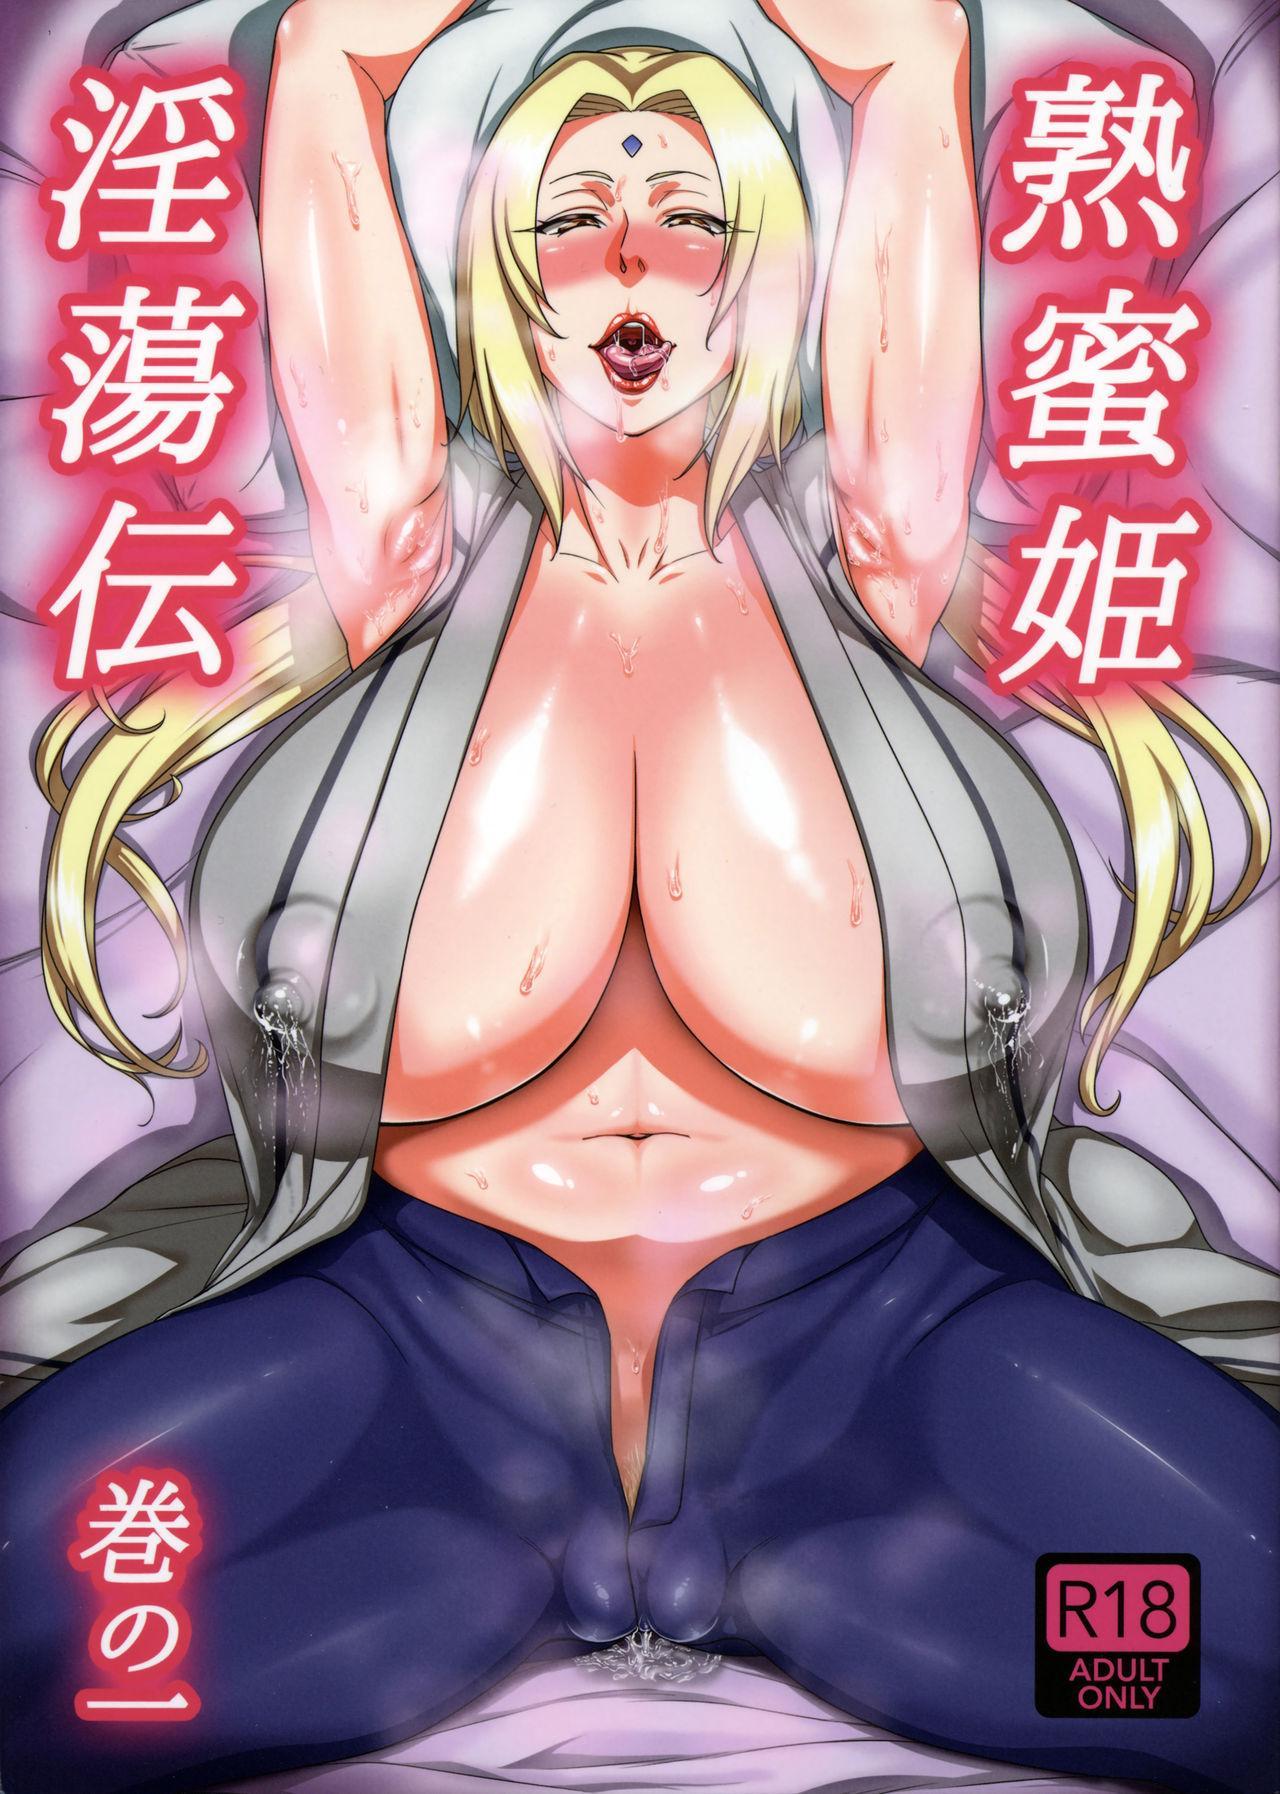 Jukumitsuki Intouden Maki no Ichi 0